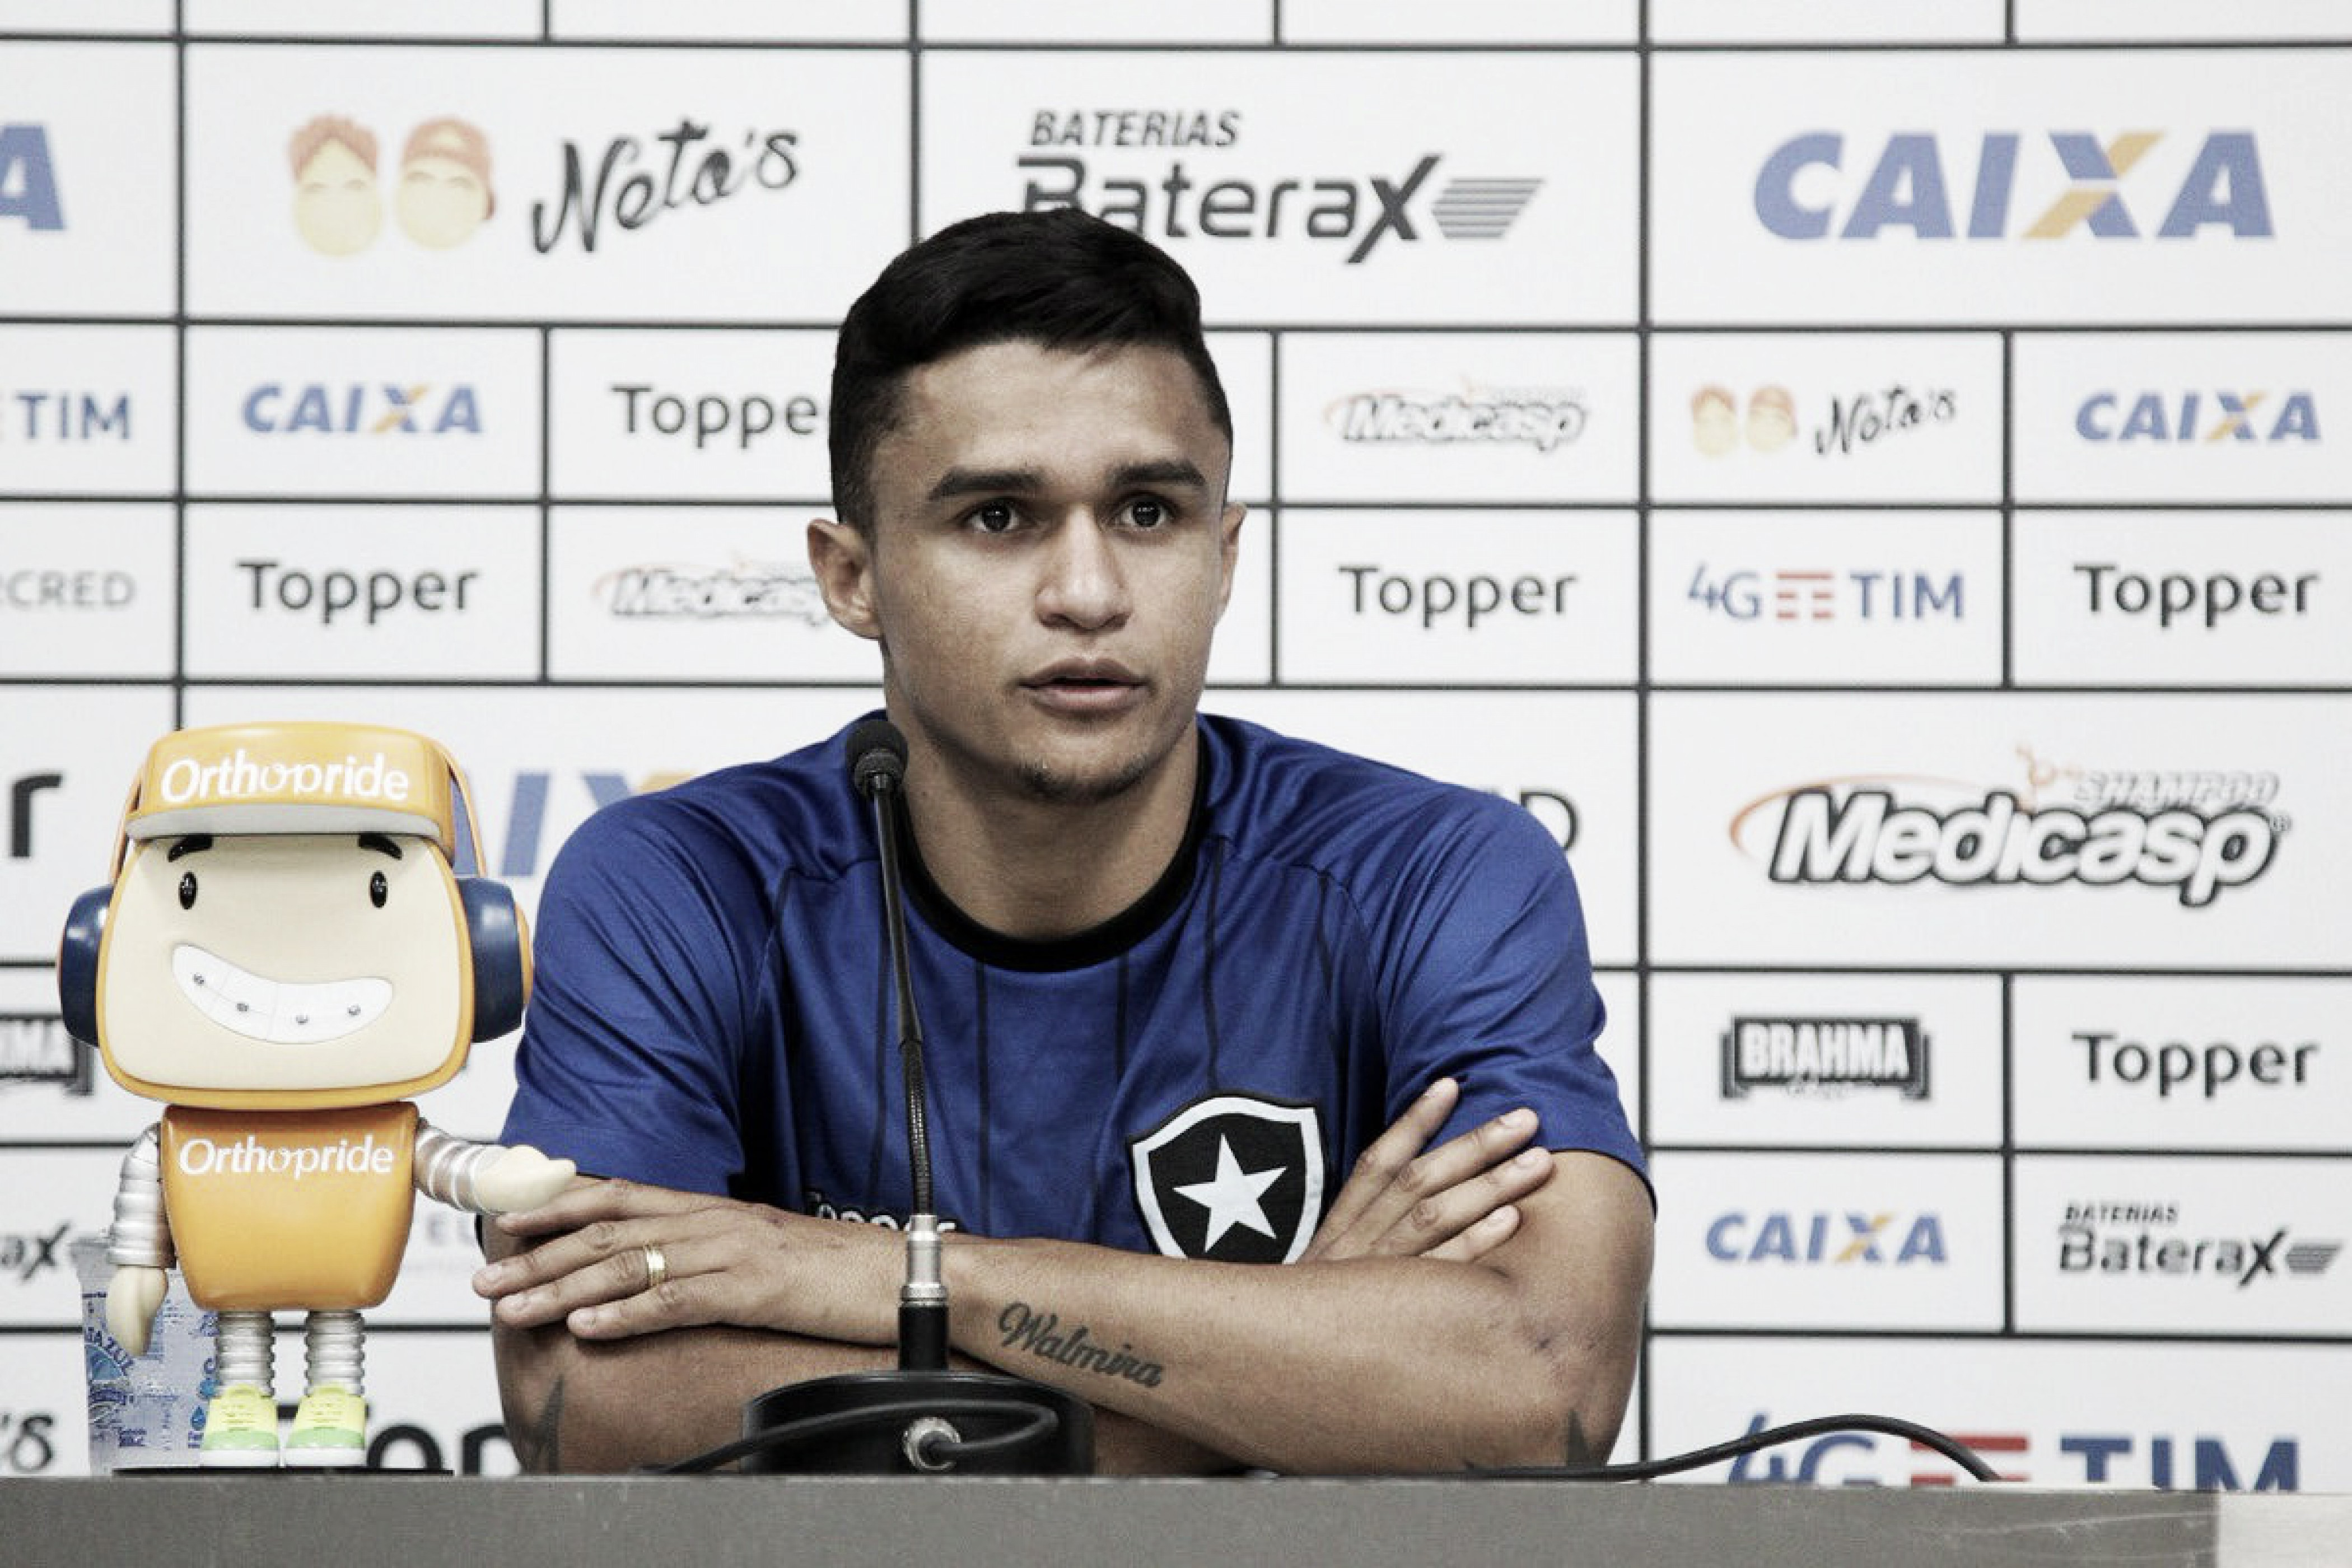 Erik agradece reconhecimento da torcida e garante foco na recuperação do Botafogo no campeonato